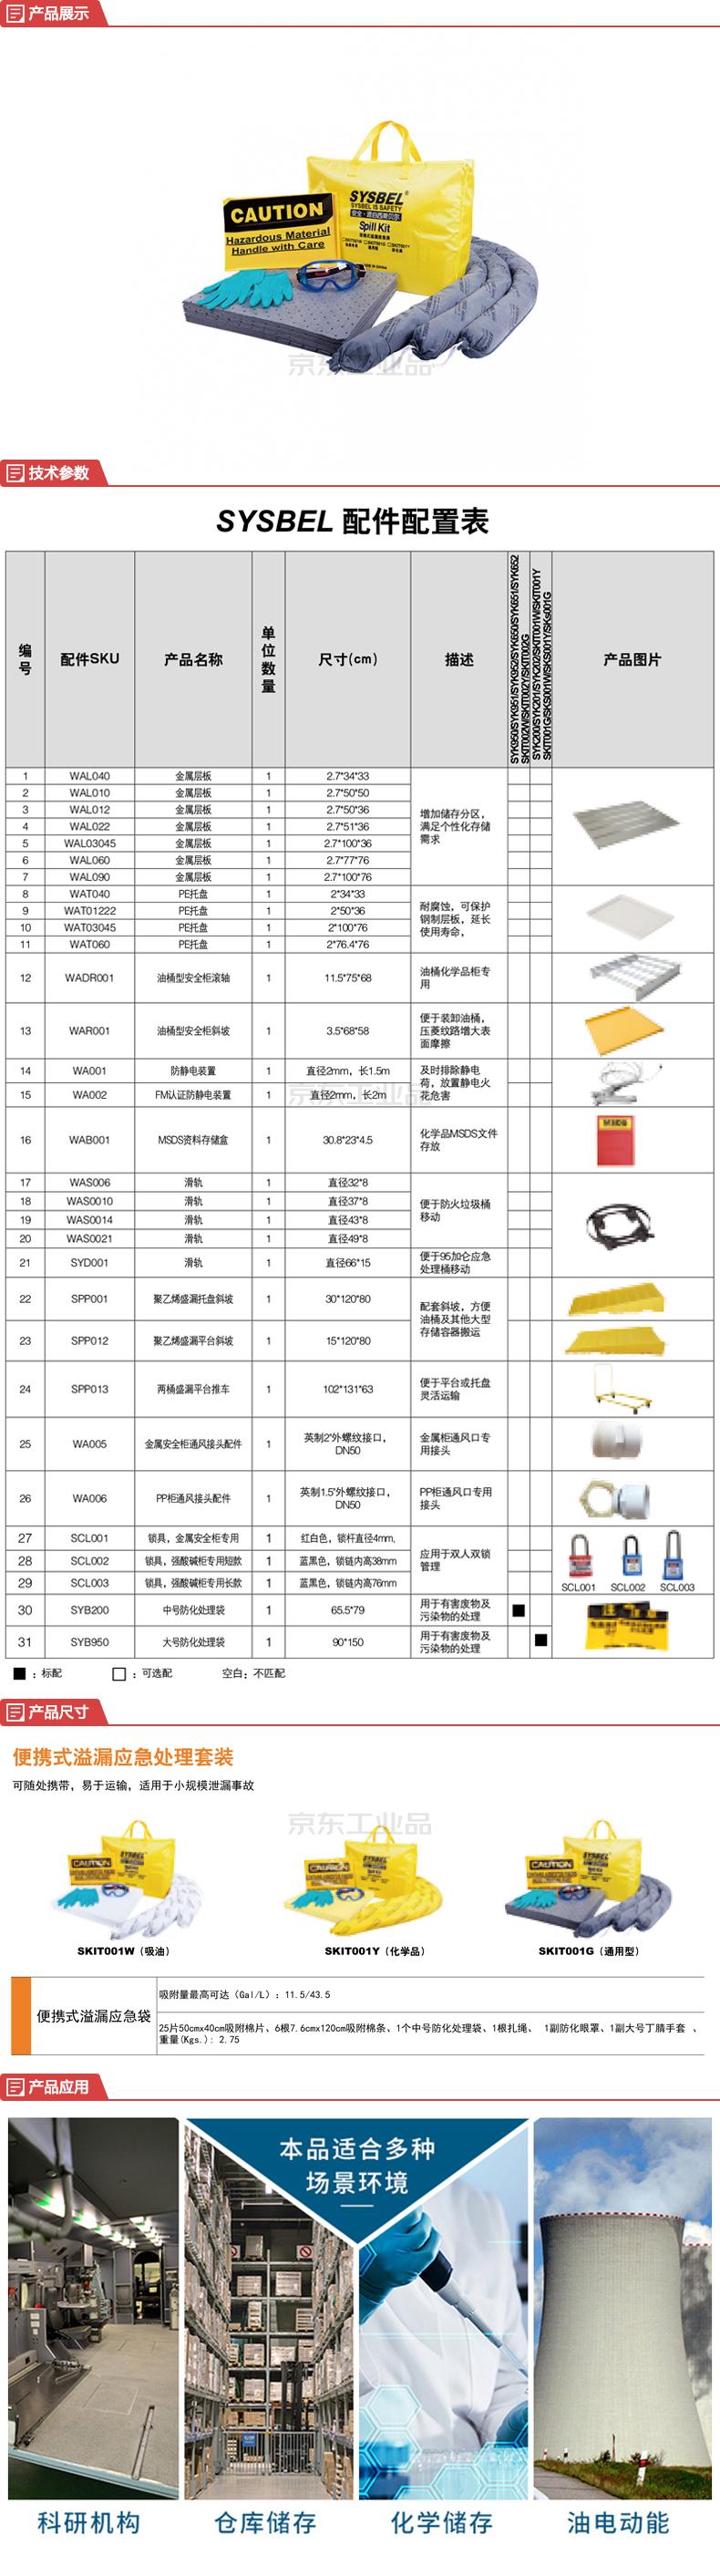 西斯贝尔 便携式溢漏应急处理袋套装,通用型;SKIT001G